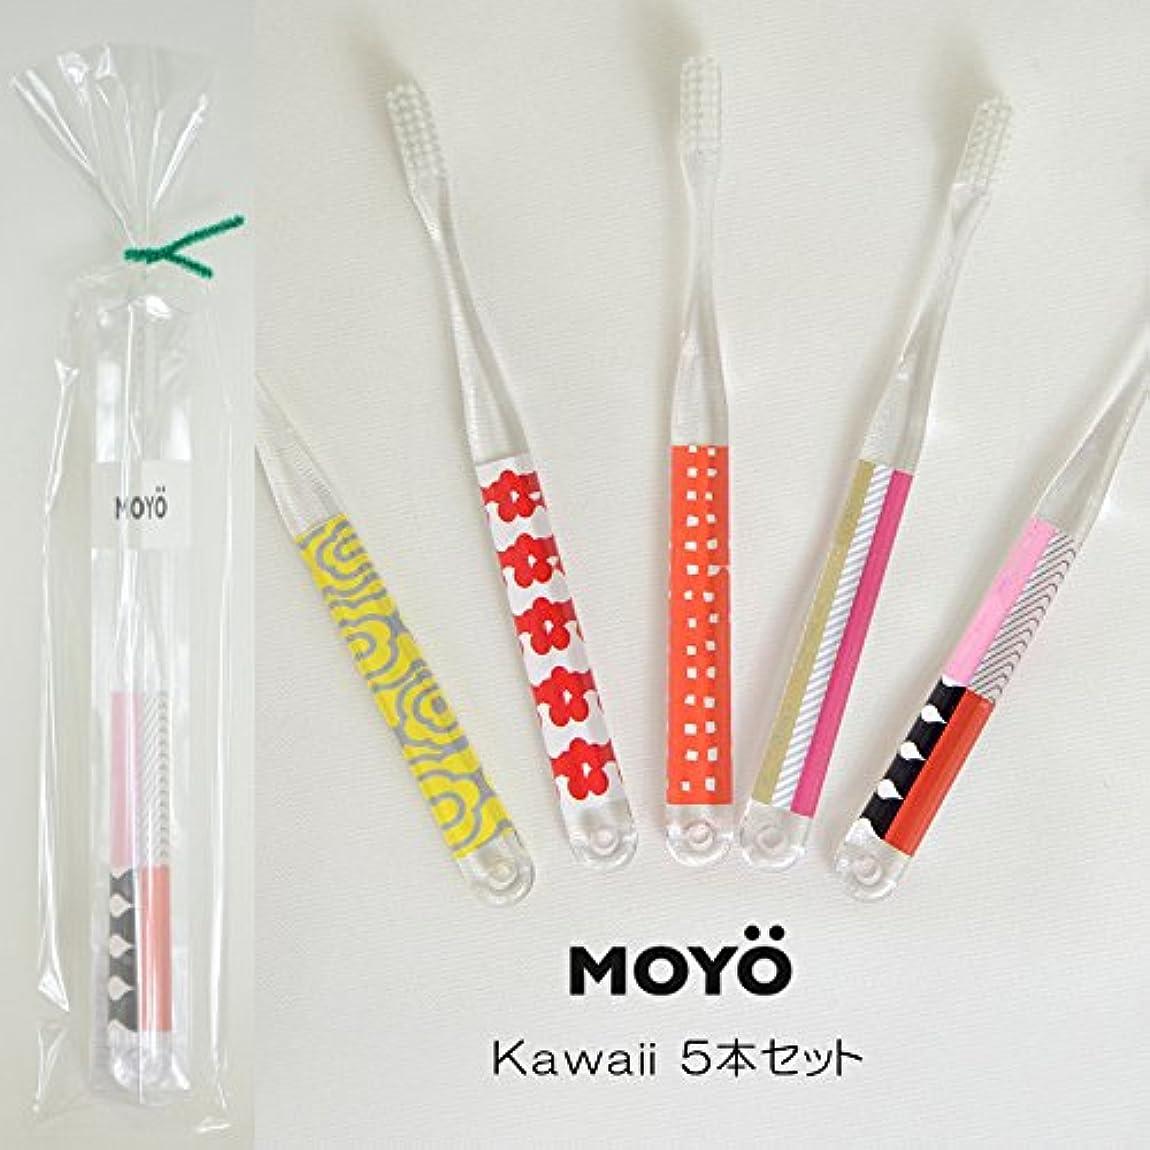 画面論理コストMOYO モヨウ 歯ブラシ kawaii5本 プチ ギフト セット_562302-kawaii 【F】,kawaii5本セット